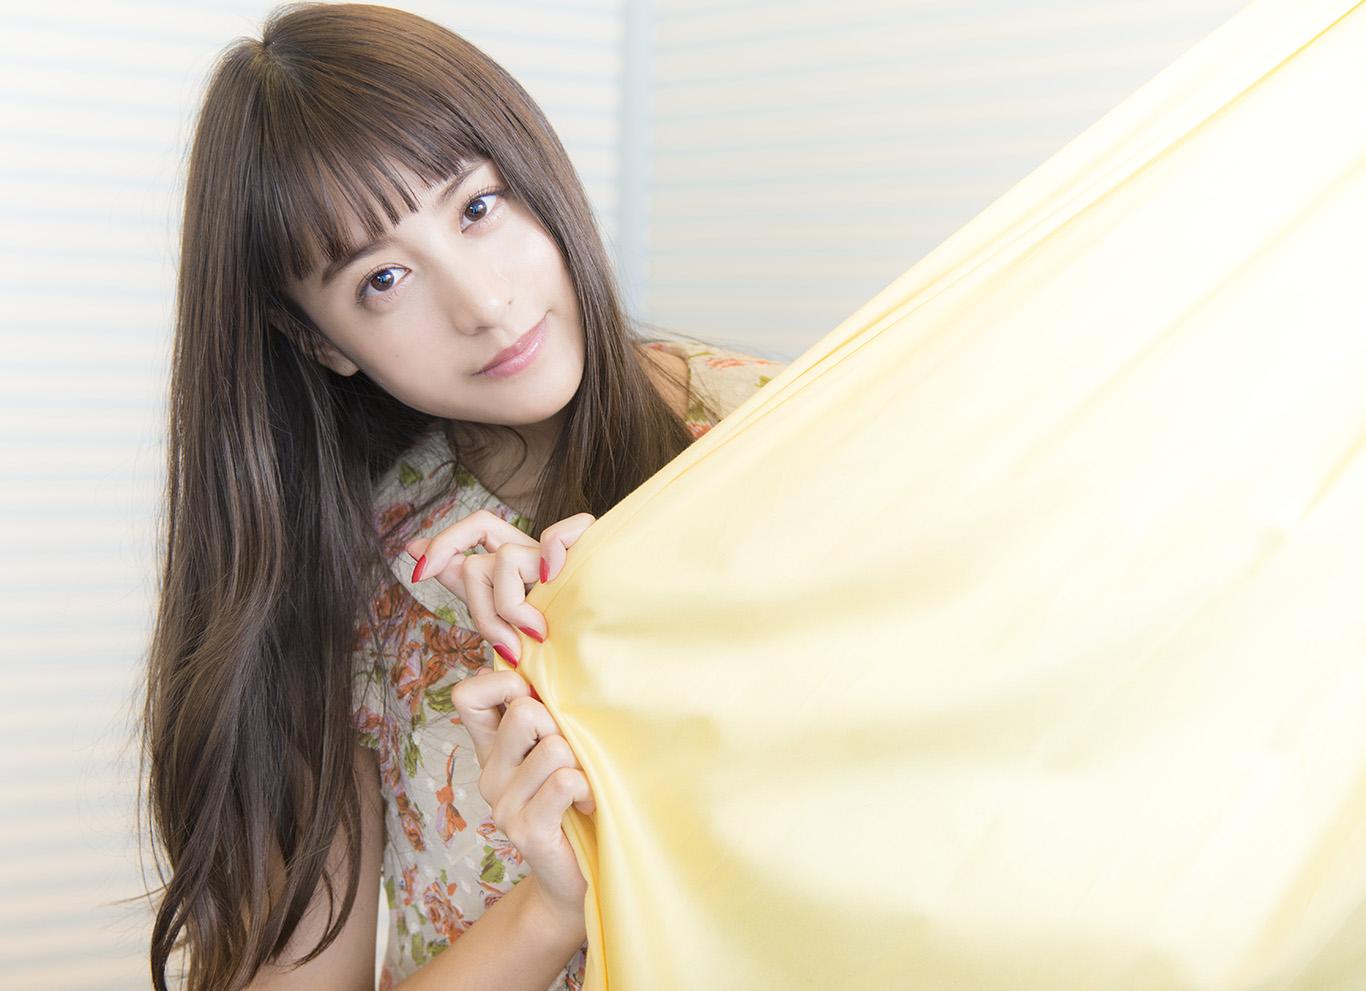 仕事や恋に思い悩む——山本美月が『東京アリス』で体現する26歳のリアルライフ